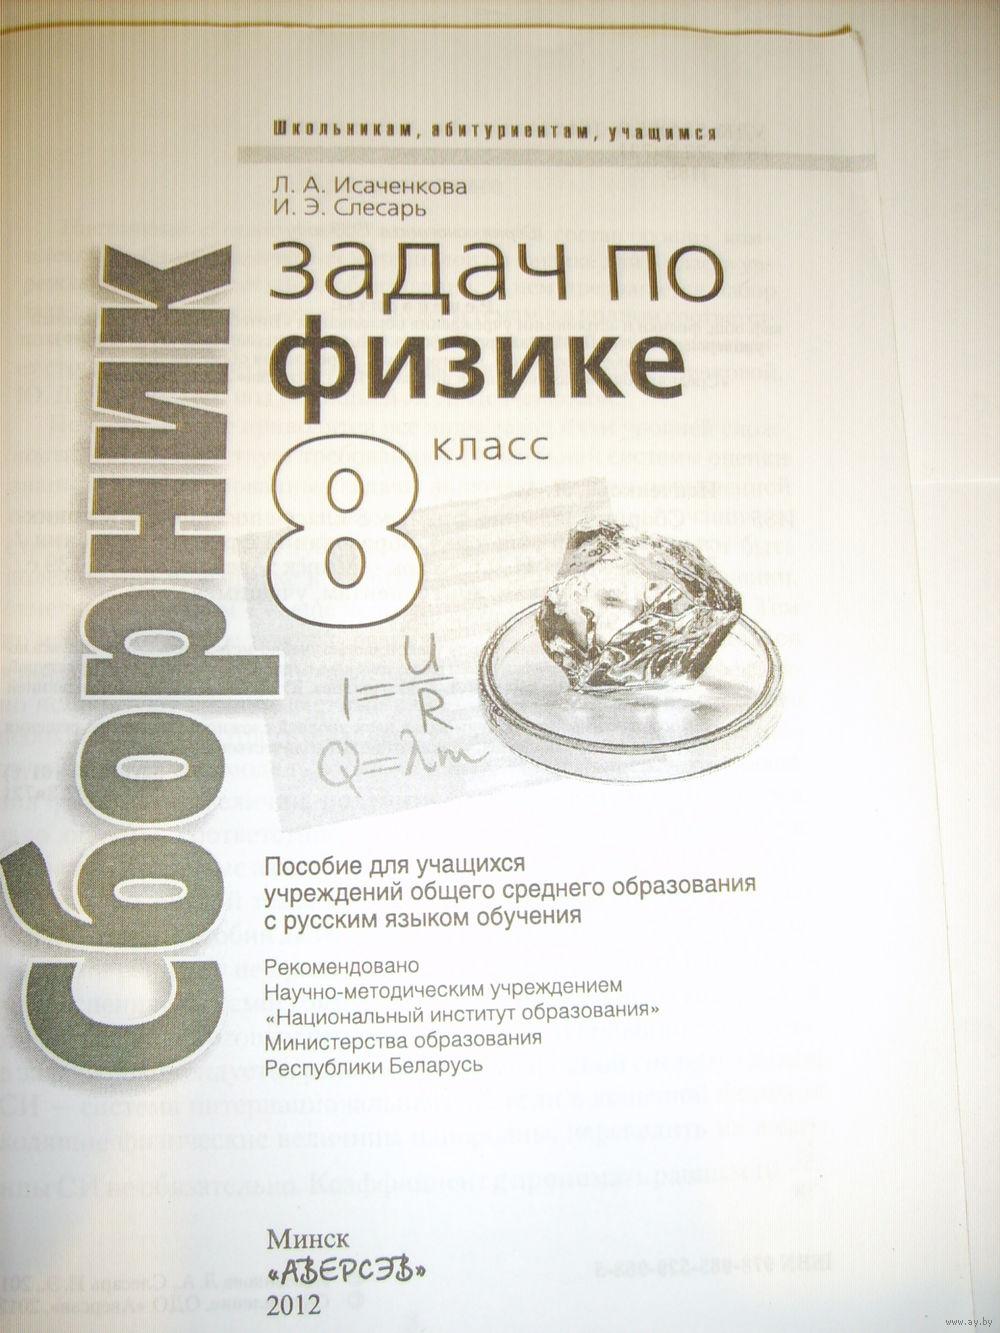 Физике решебник сборник задач класс по исачеркова 8